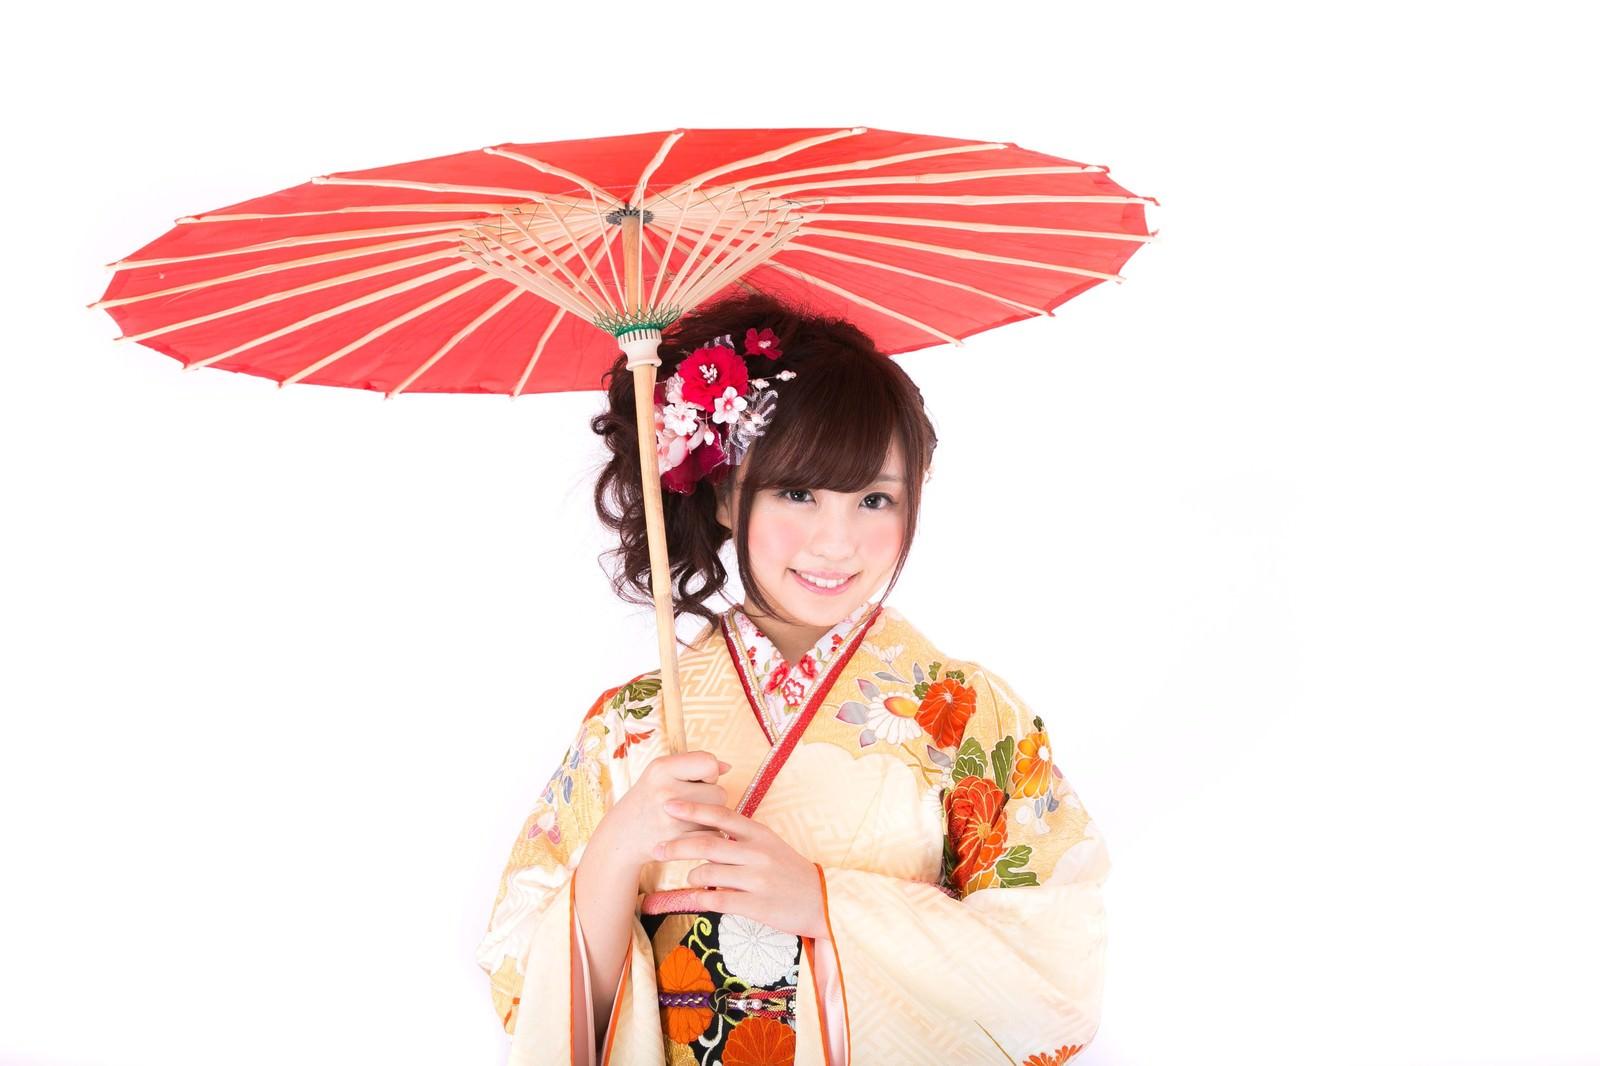 「和傘と振袖美女」の写真[モデル:河村友歌]